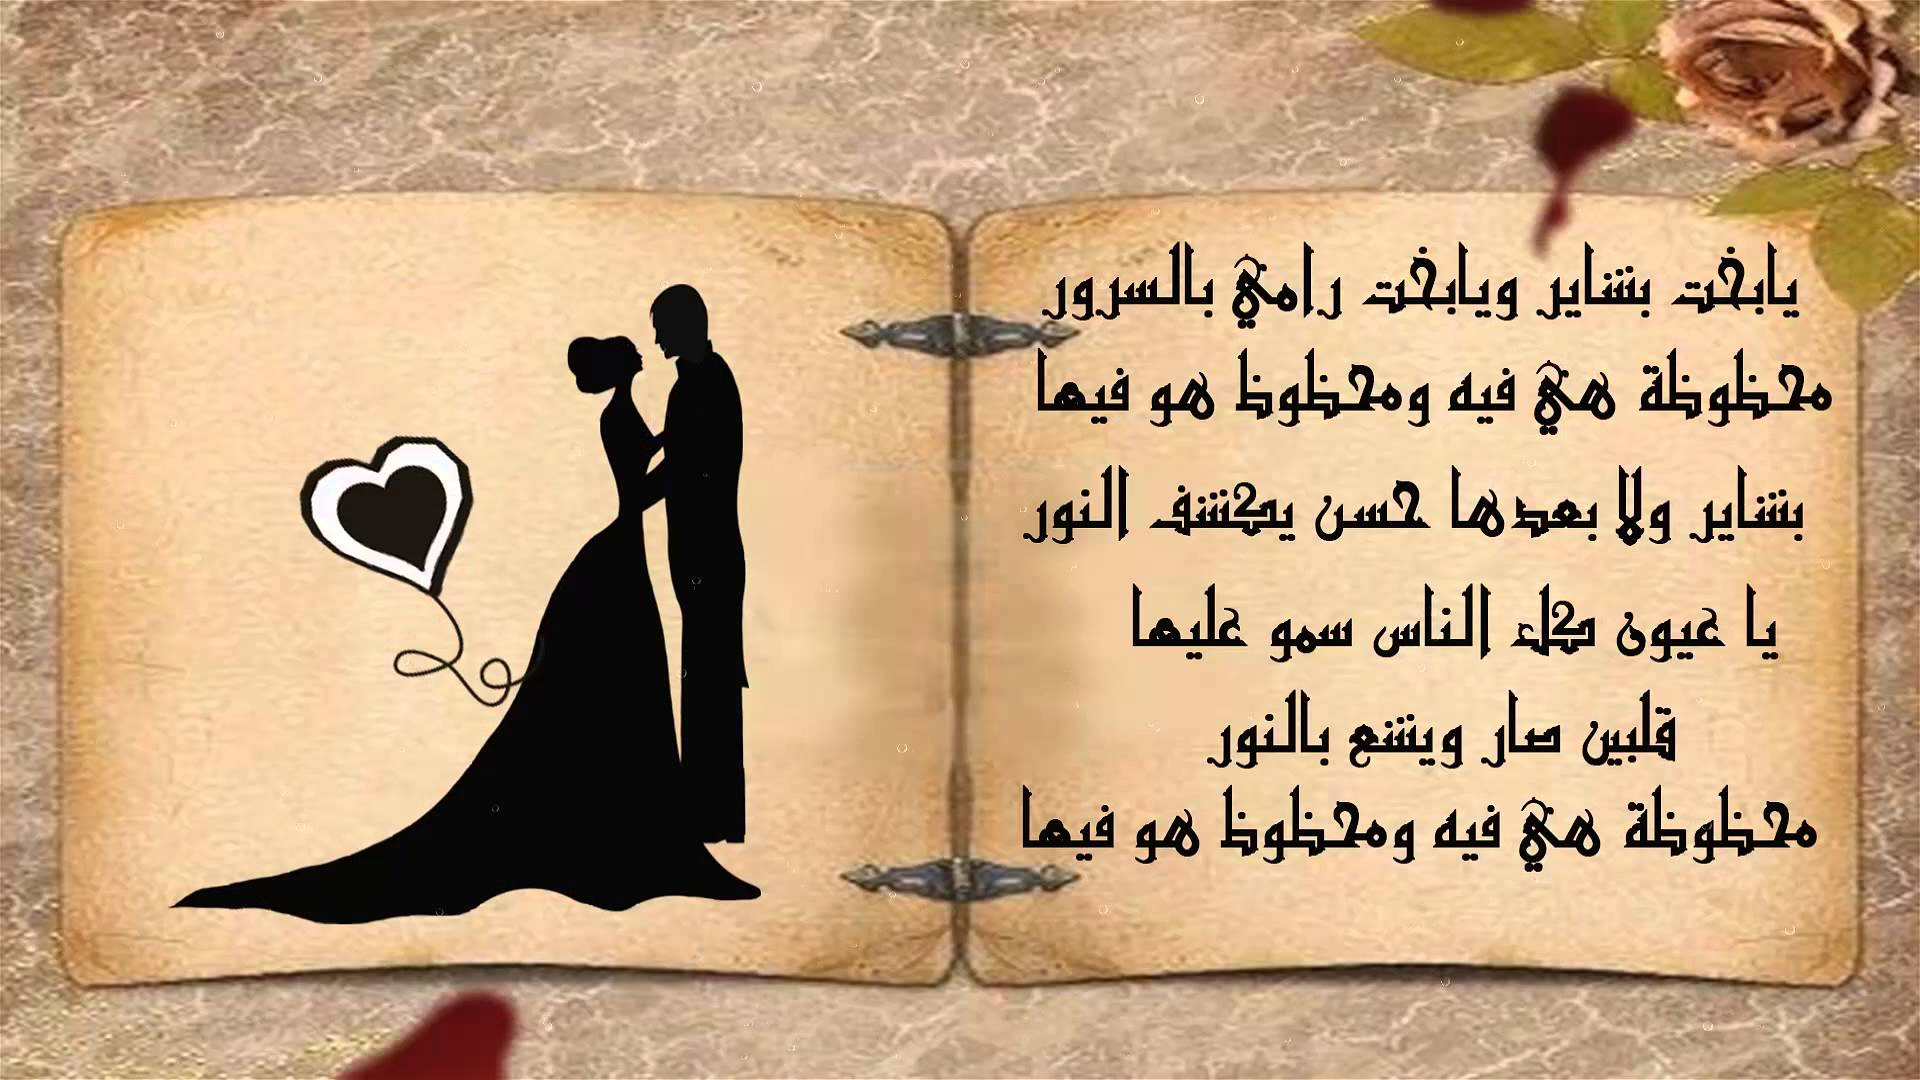 بالصور عبارات تهنئه للعروس للواتس , اجمل تهنئة لاجمل عروسين على الواتس 5210 6